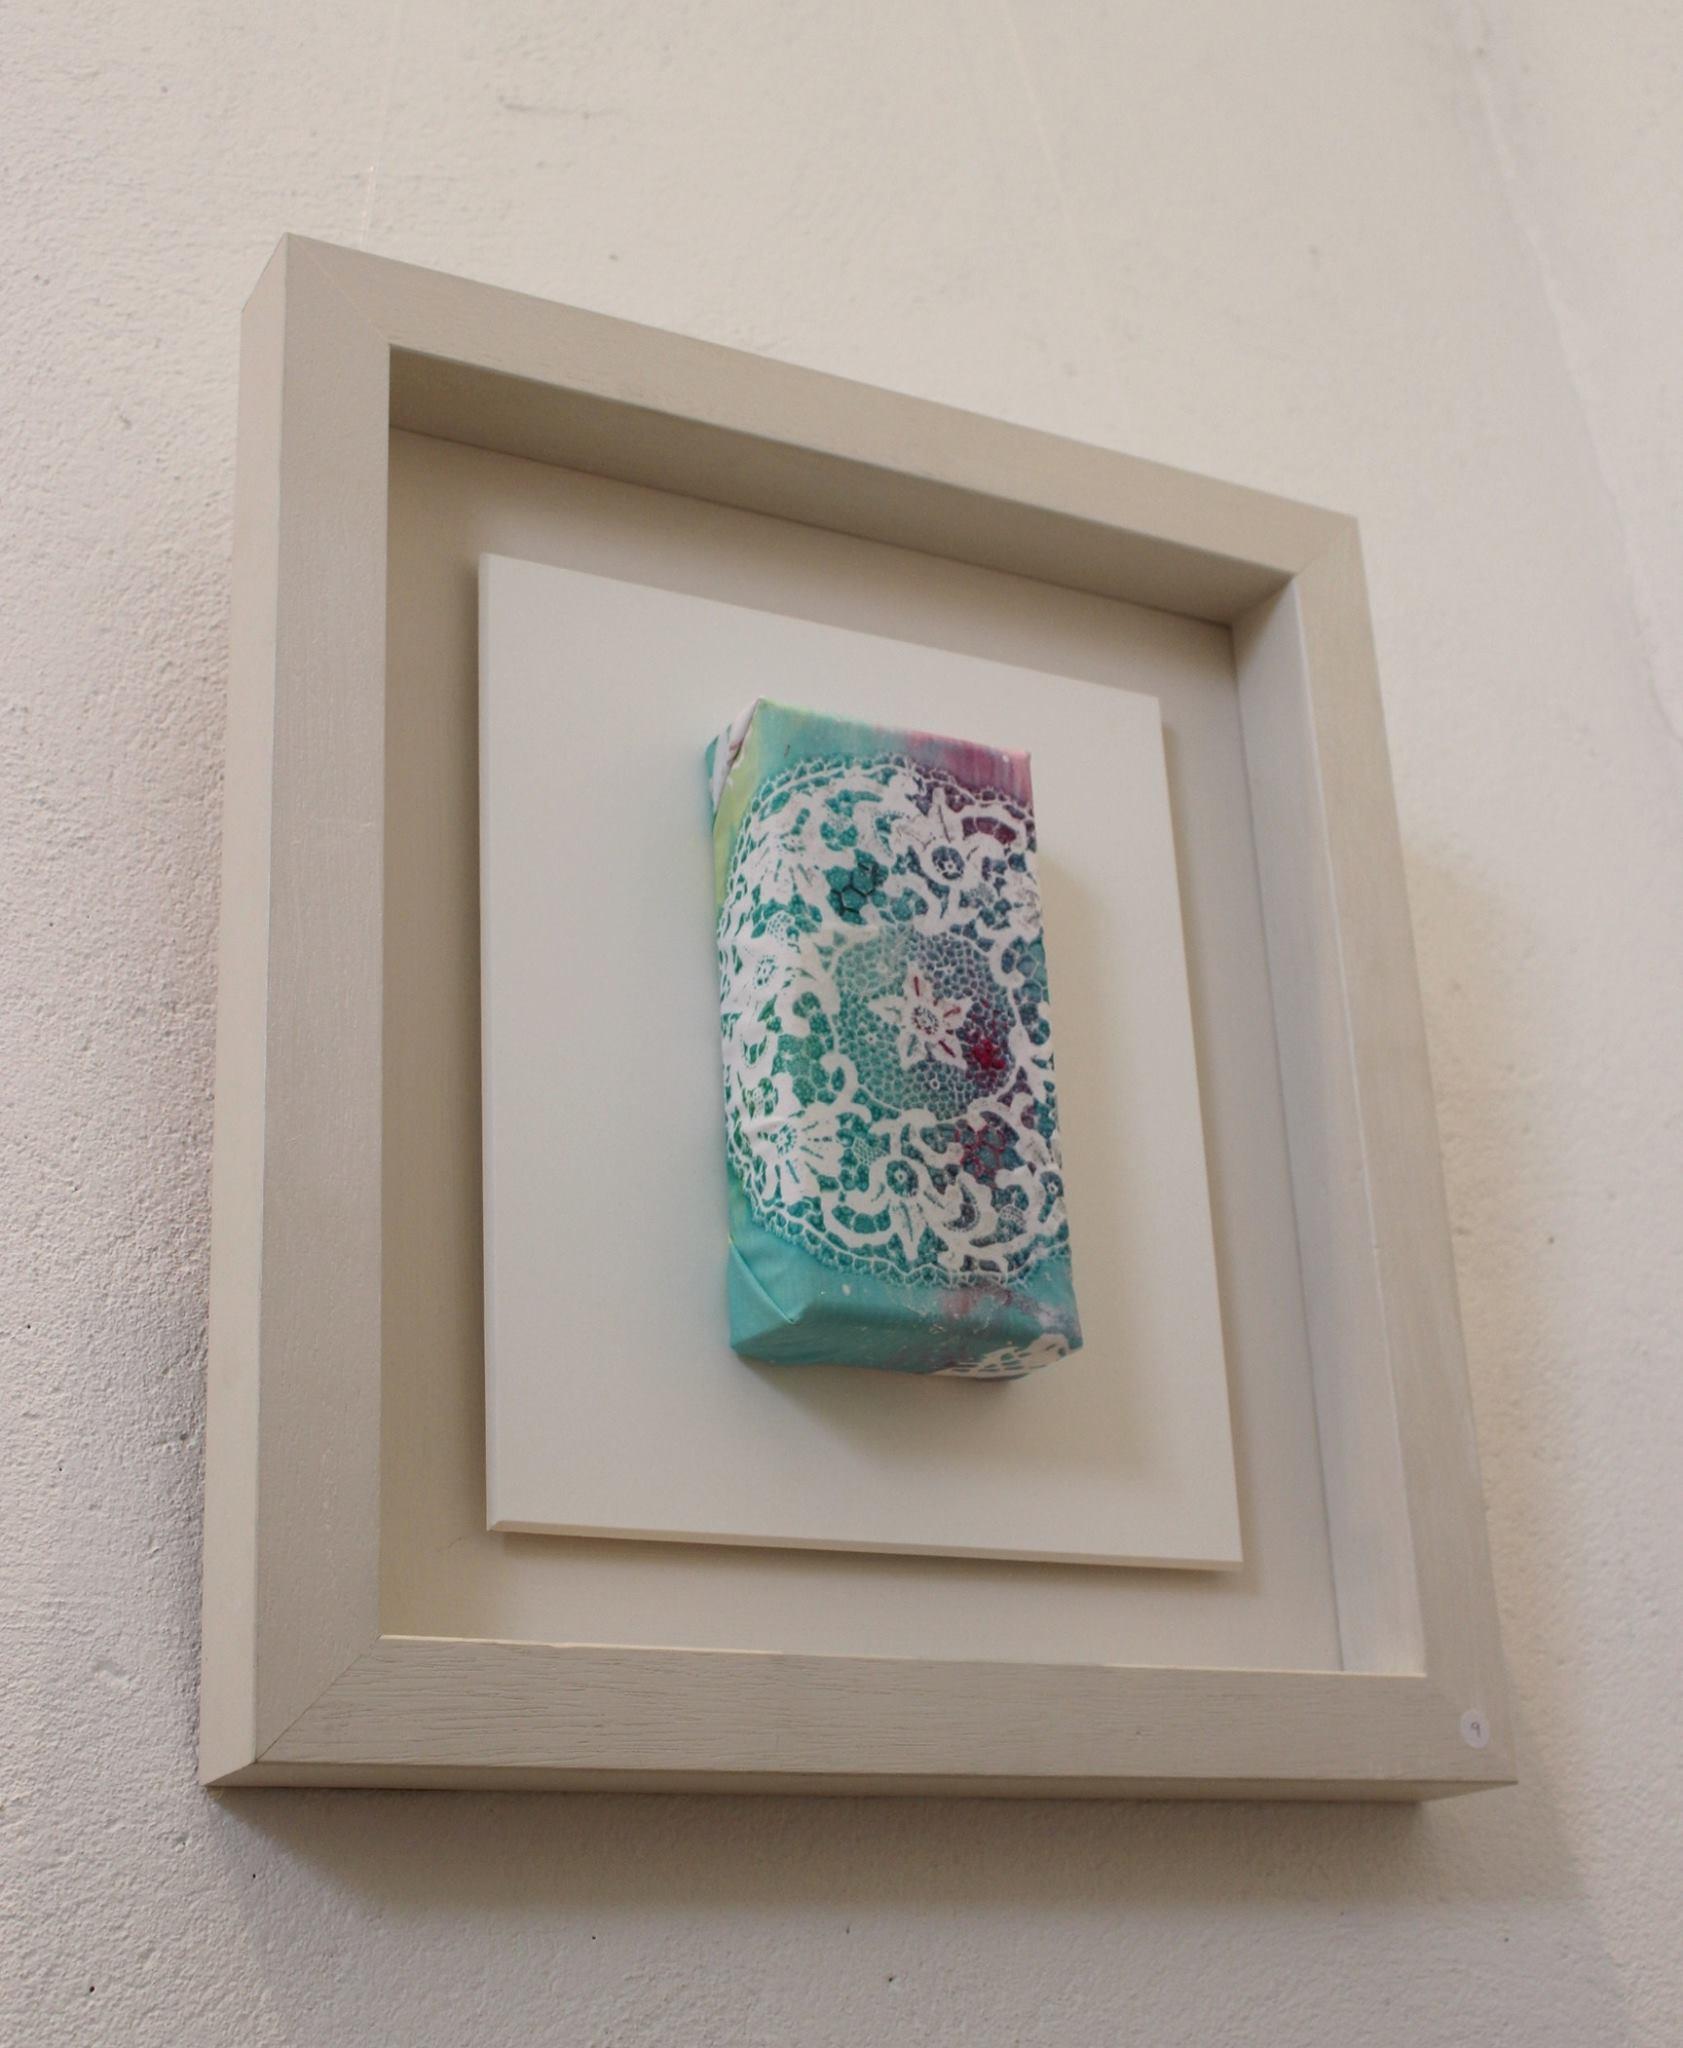 Grandmother's Lace, Helen McLoughlin, element15